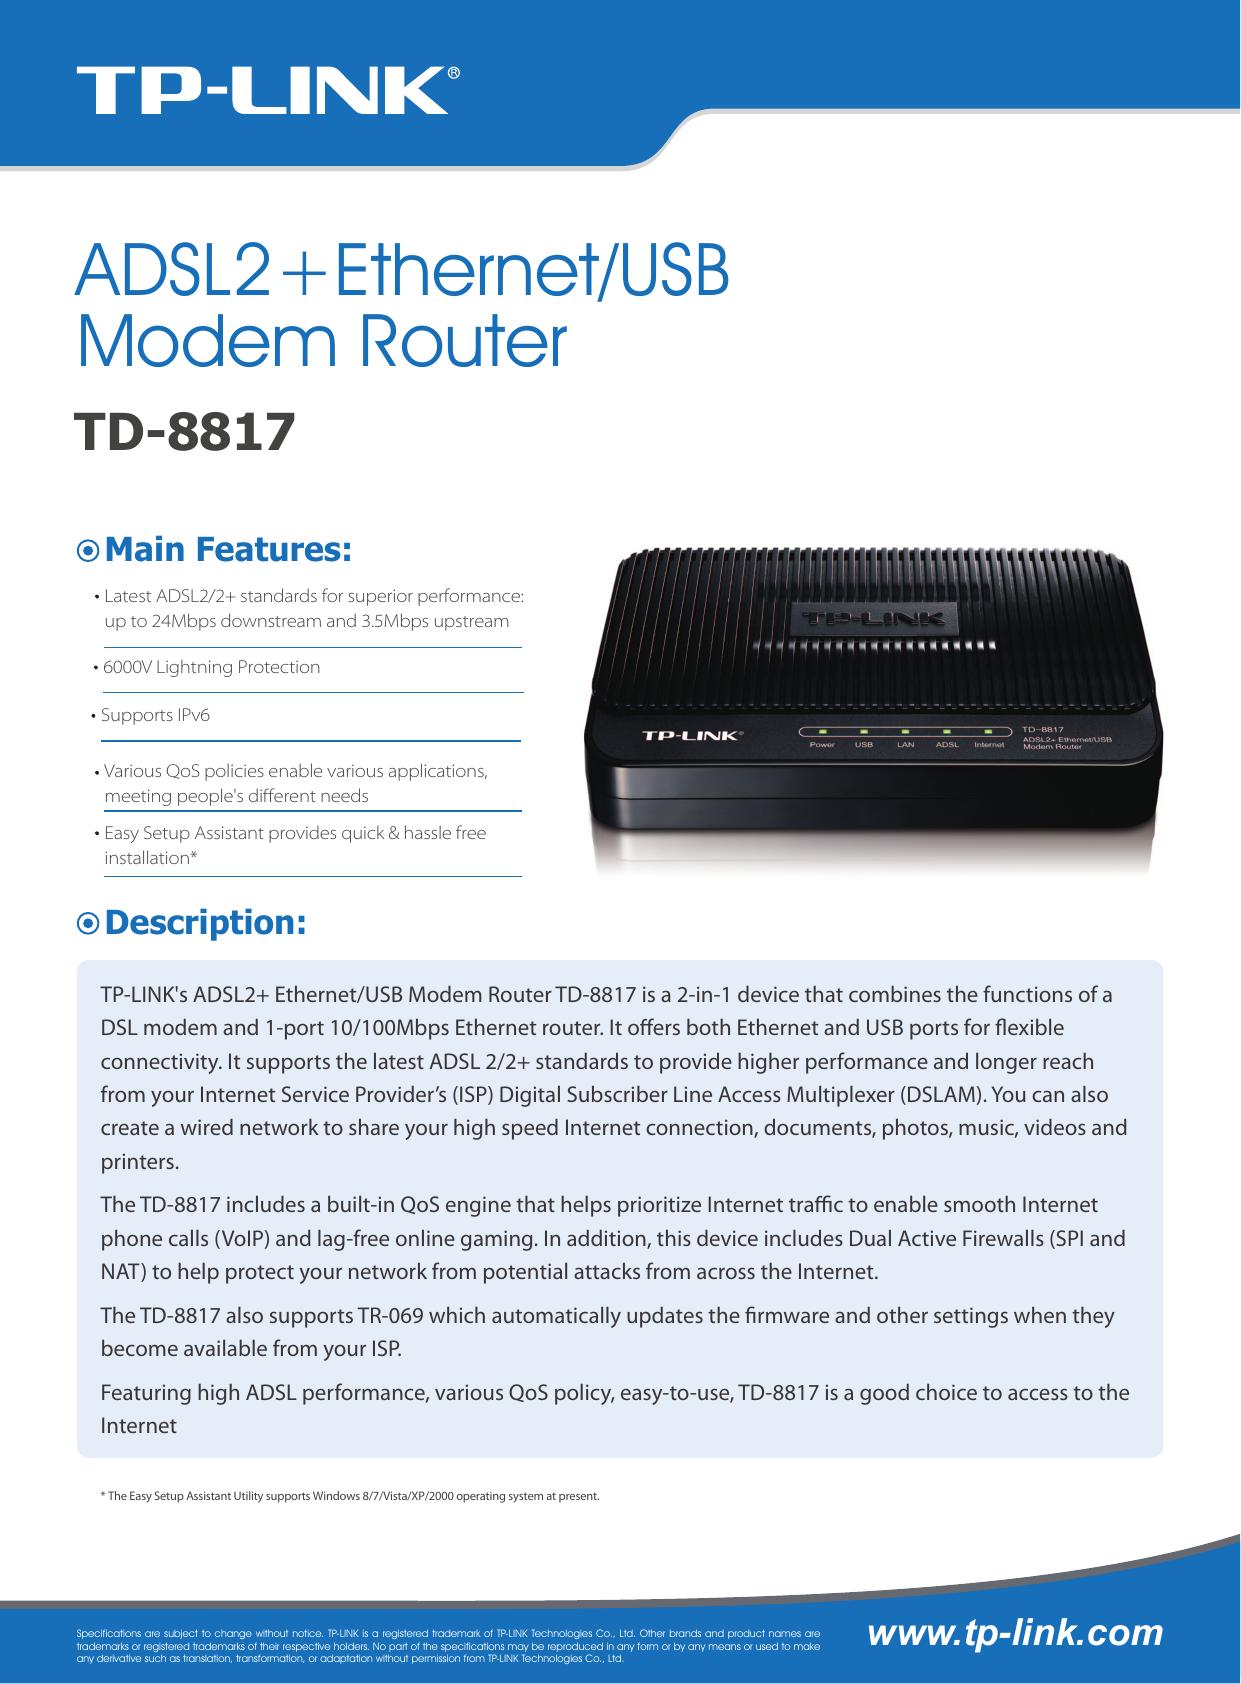 TP-LINK TD-8817 V8 ROUTER USB WINDOWS 10 DOWNLOAD DRIVER